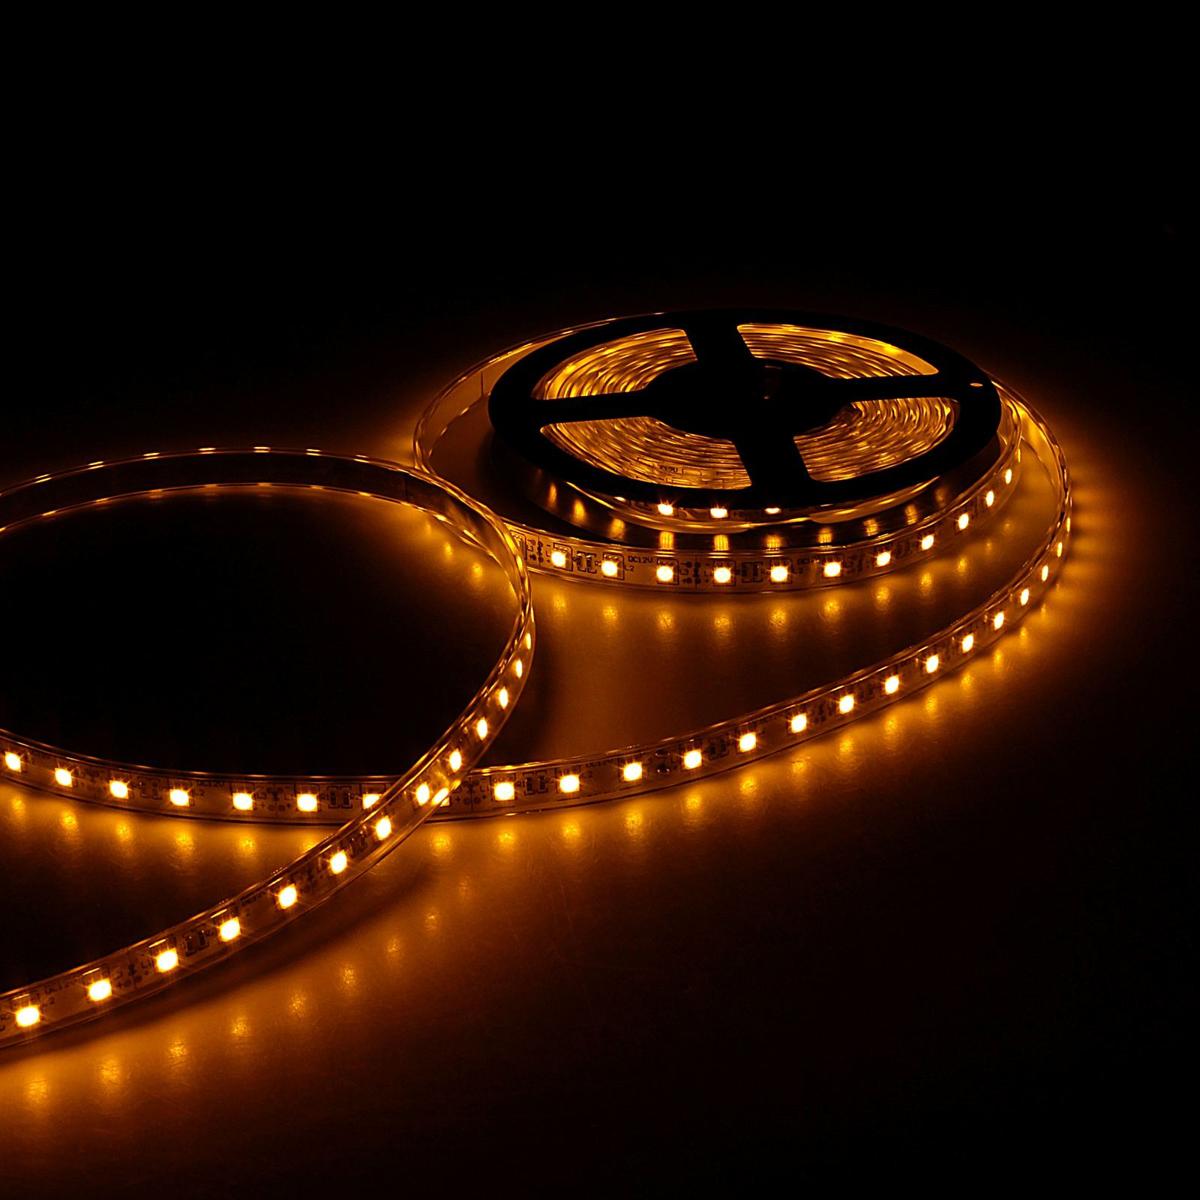 Светодиодная лента Sima-land, 12В, SMD5050, длина 5 м, IP68, 60 LED ламп, 14.4 Вт/м, 10-12 Лм/1 LED, DC, цвет: желтый848574Светодиодные гирлянды, ленты и т.д — это отличный вариант для новогоднего оформления интерьера или фасада. С их помощью помещение любого размера можно превратить в праздничный зал, а внешние элементы зданий, украшенные ими, мгновенно станут напоминать очертания сказочного дворца. Такие украшения создают ауру предвкушения чуда. Деревья, фасады, витрины, окна и арки будто специально созданы, чтобы вы украсили их светящимися нитями.